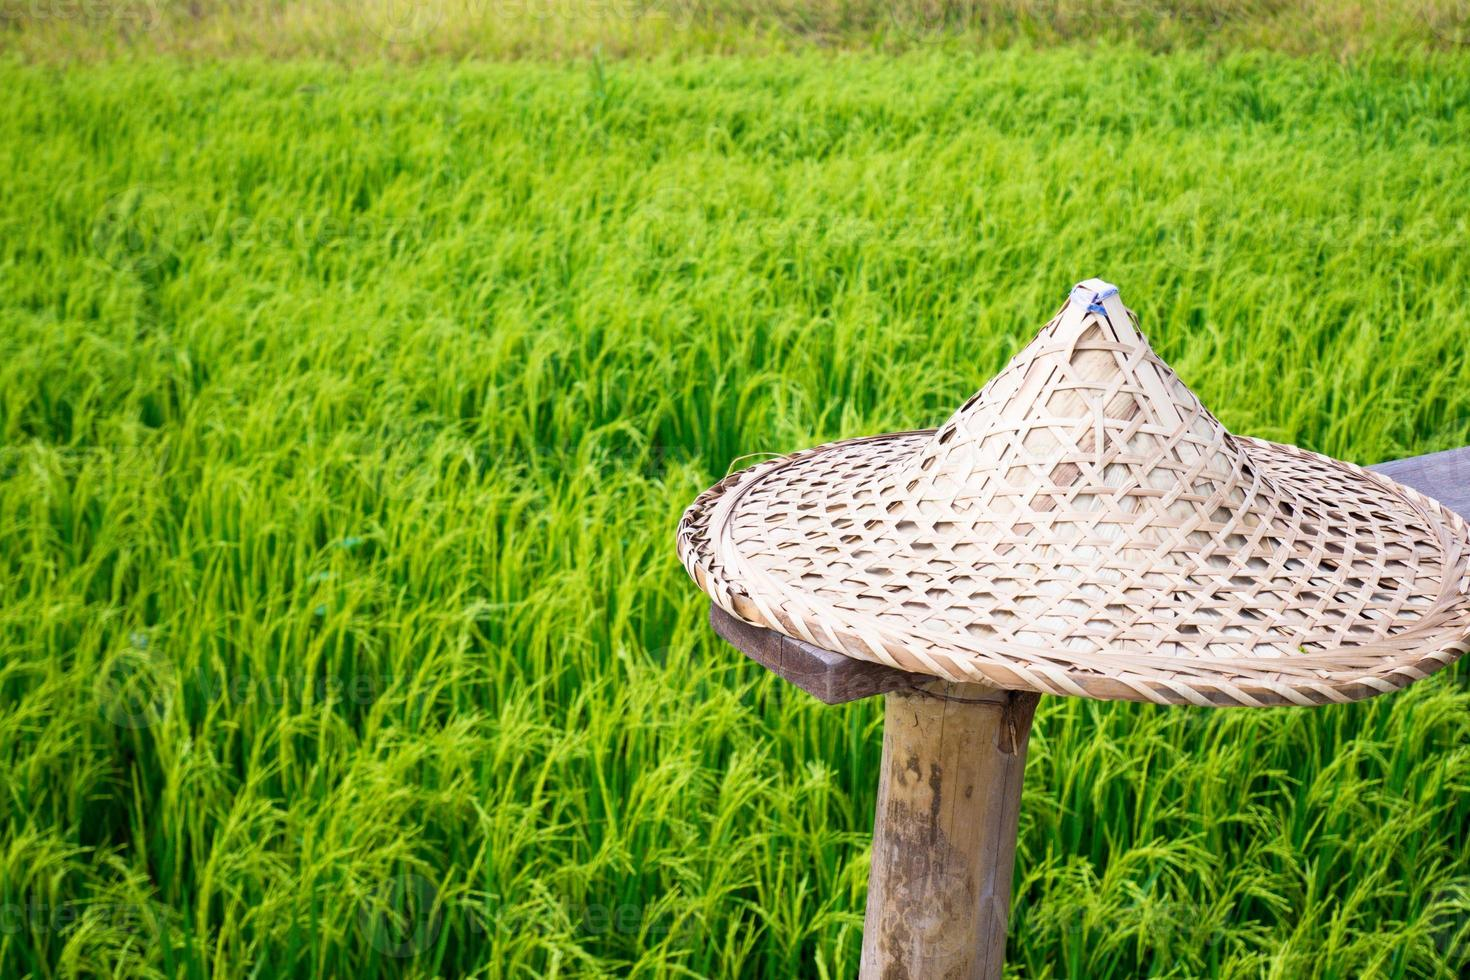 chapeau de paille dans un champ de blé photo